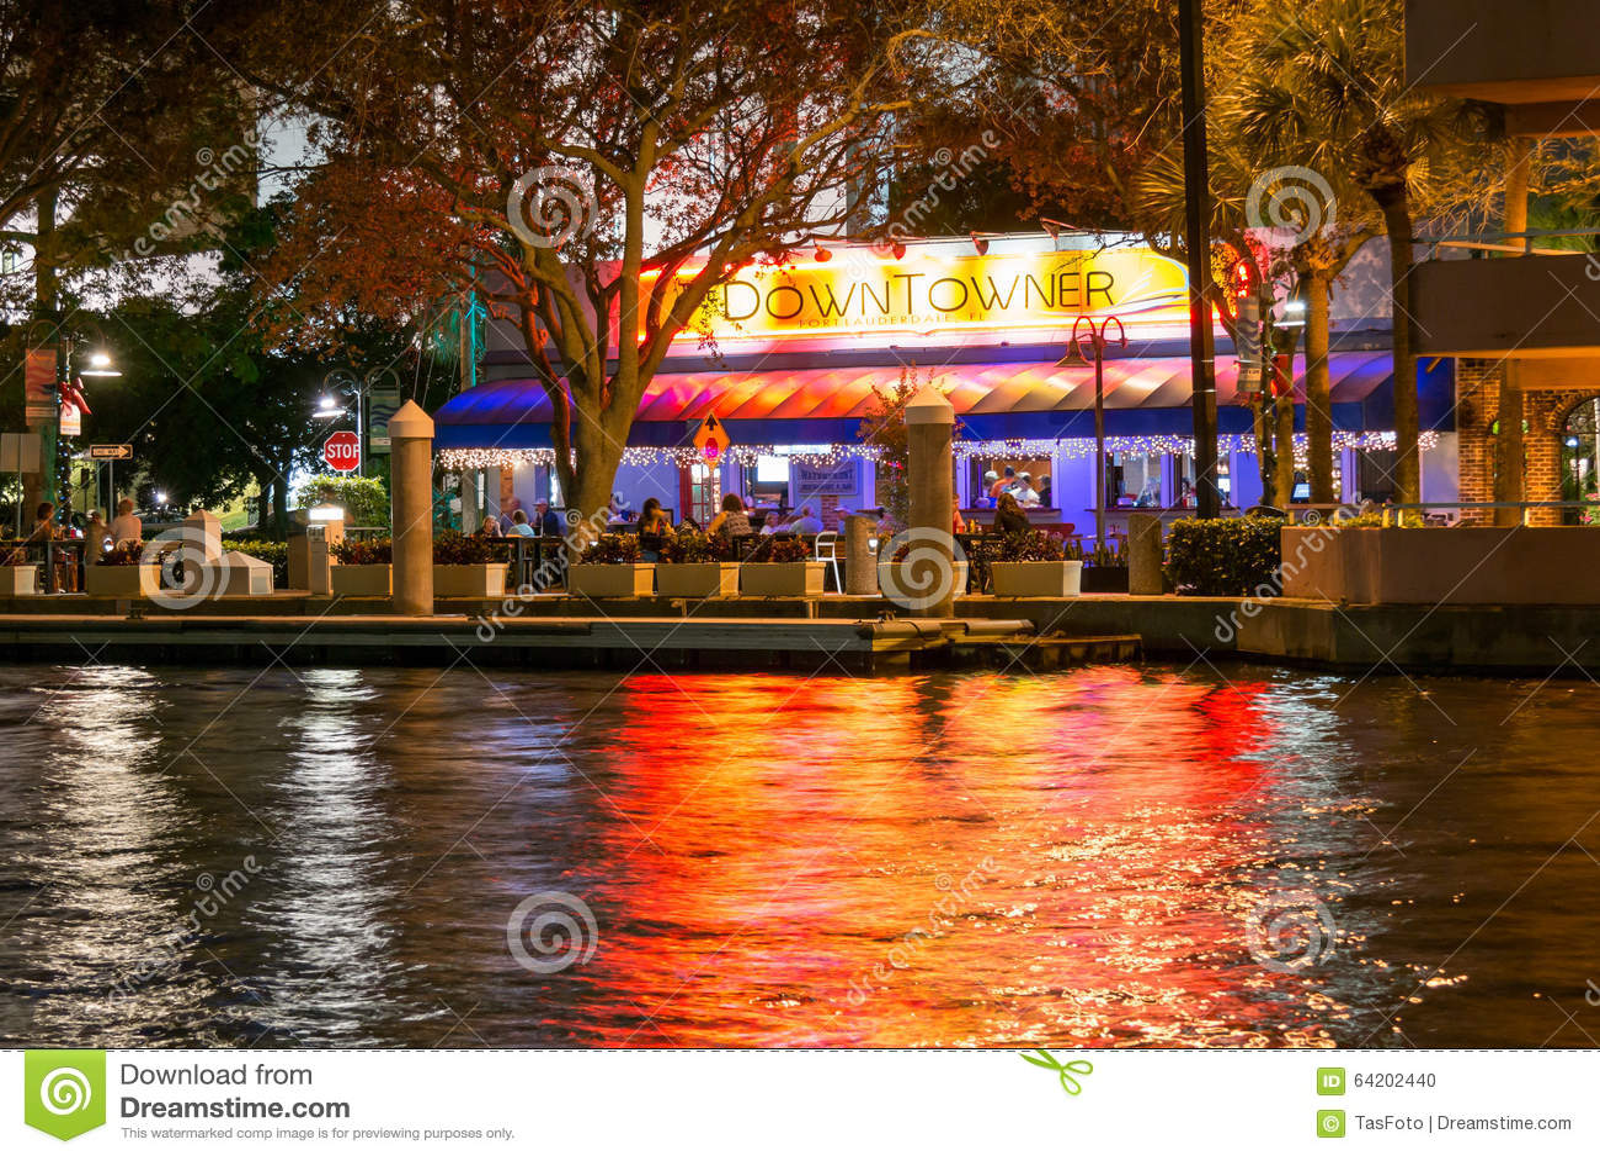 Restaurante del habitante del centro en el pie Lauderdale en la noche, la Florida, los E.E.U.U.